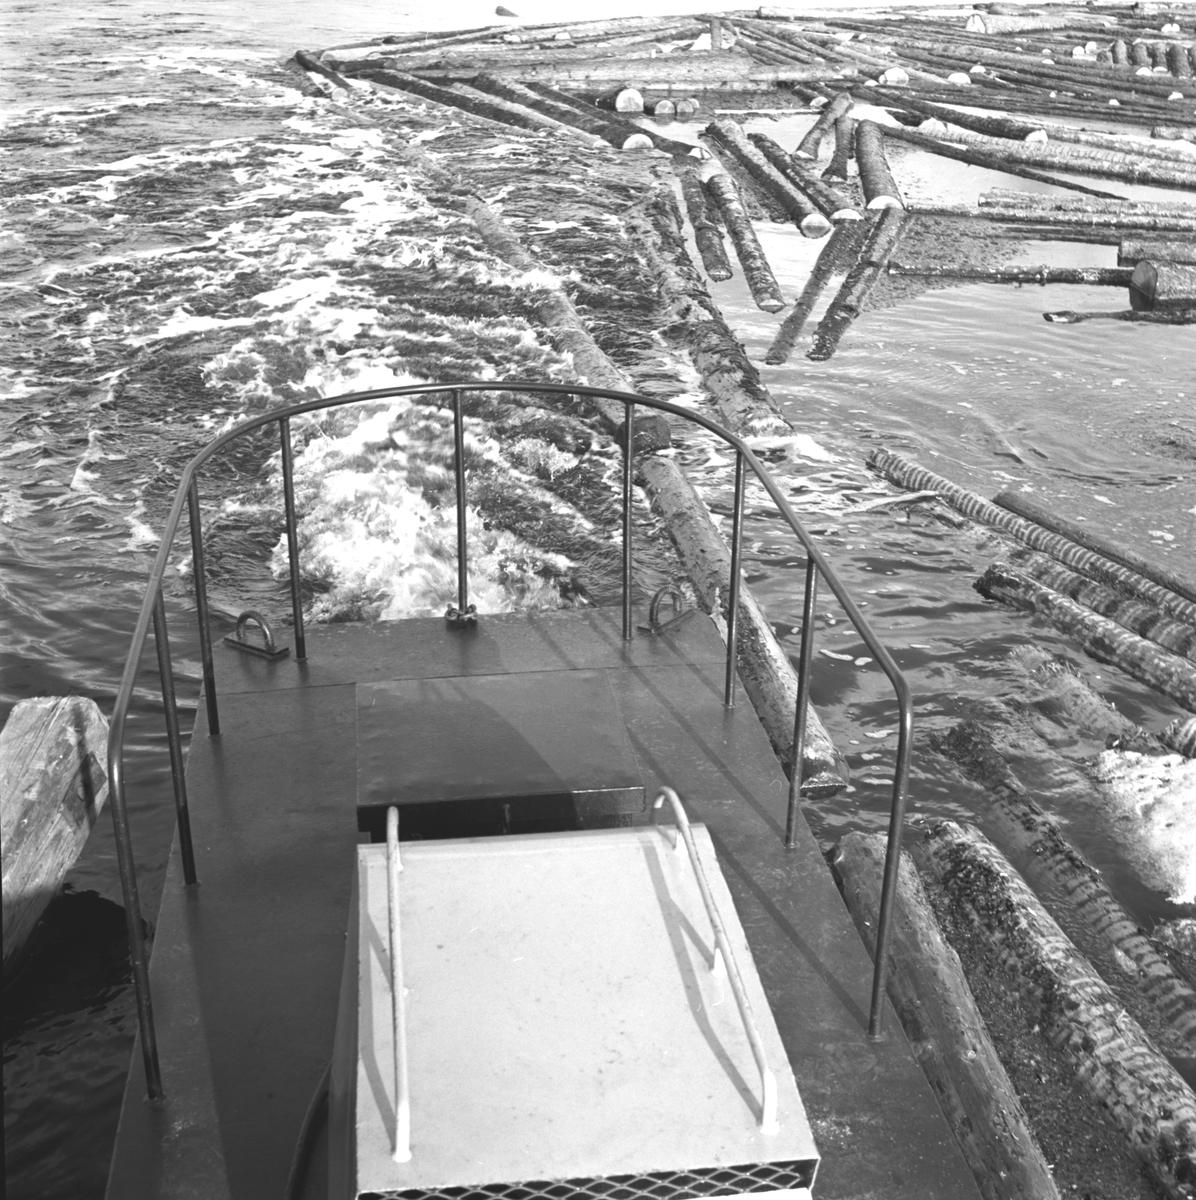 Lagning av Transportanläggningen. Korsnäs AB. Den 23 april 1965